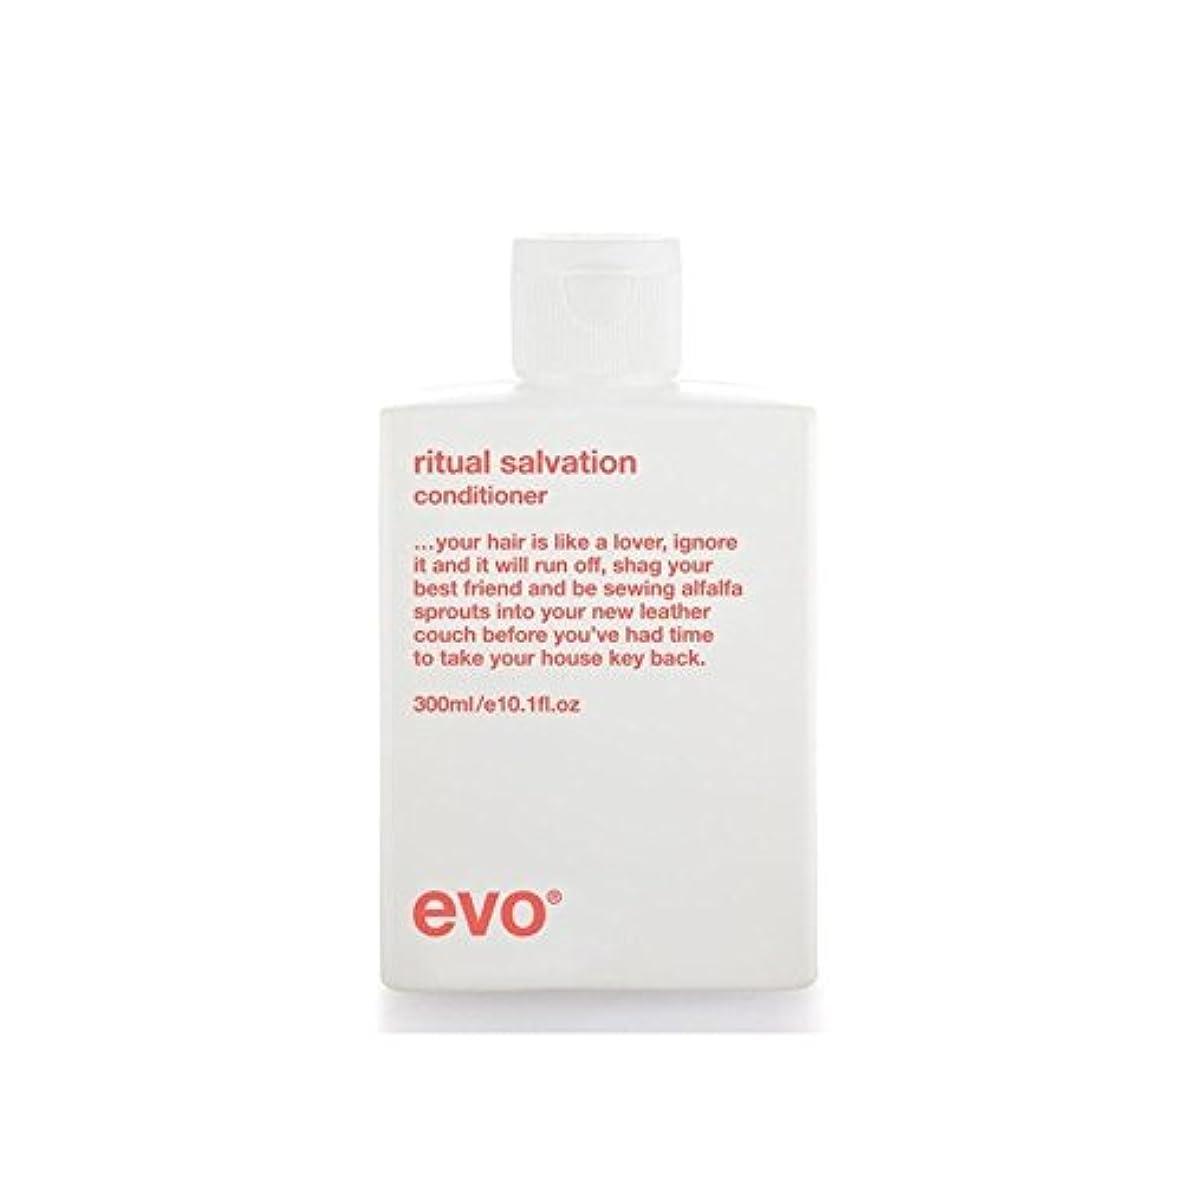 器用物理的な文言Evo Ritual Salvation Conditioner (300ml) - 儀式救いコンディショナー(300ミリリットル) [並行輸入品]